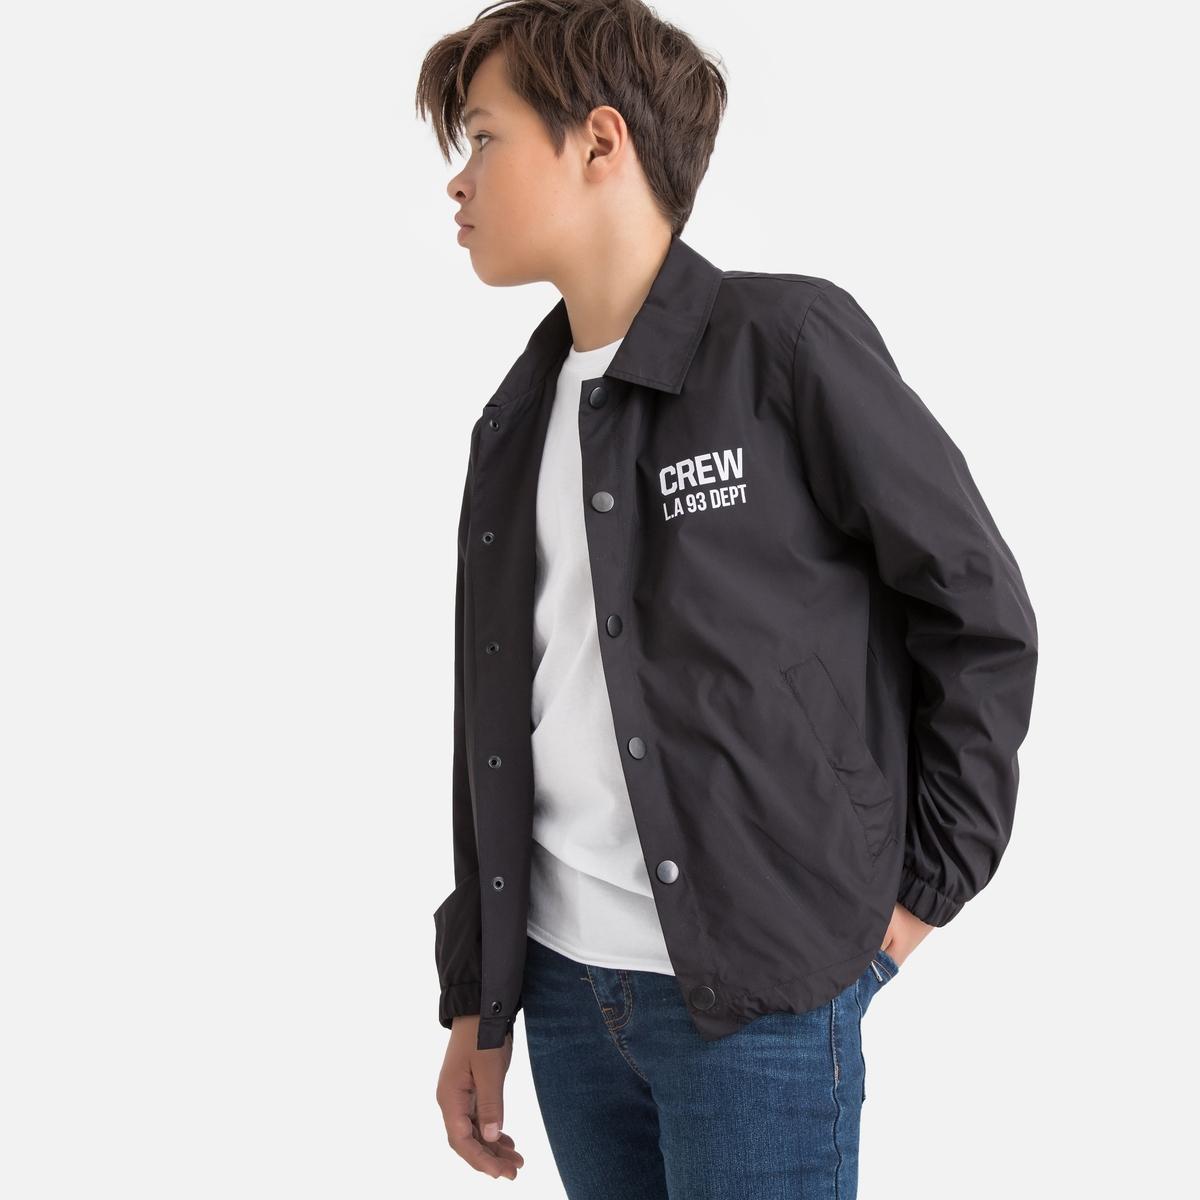 Блузон La Redoute Короткий с застежкой на кнопки 10-18 лет 16 лет - 174 см черный полуприлегающая куртка с застежкой на кнопки escada полуприлегающая куртка с застежкой на кнопки